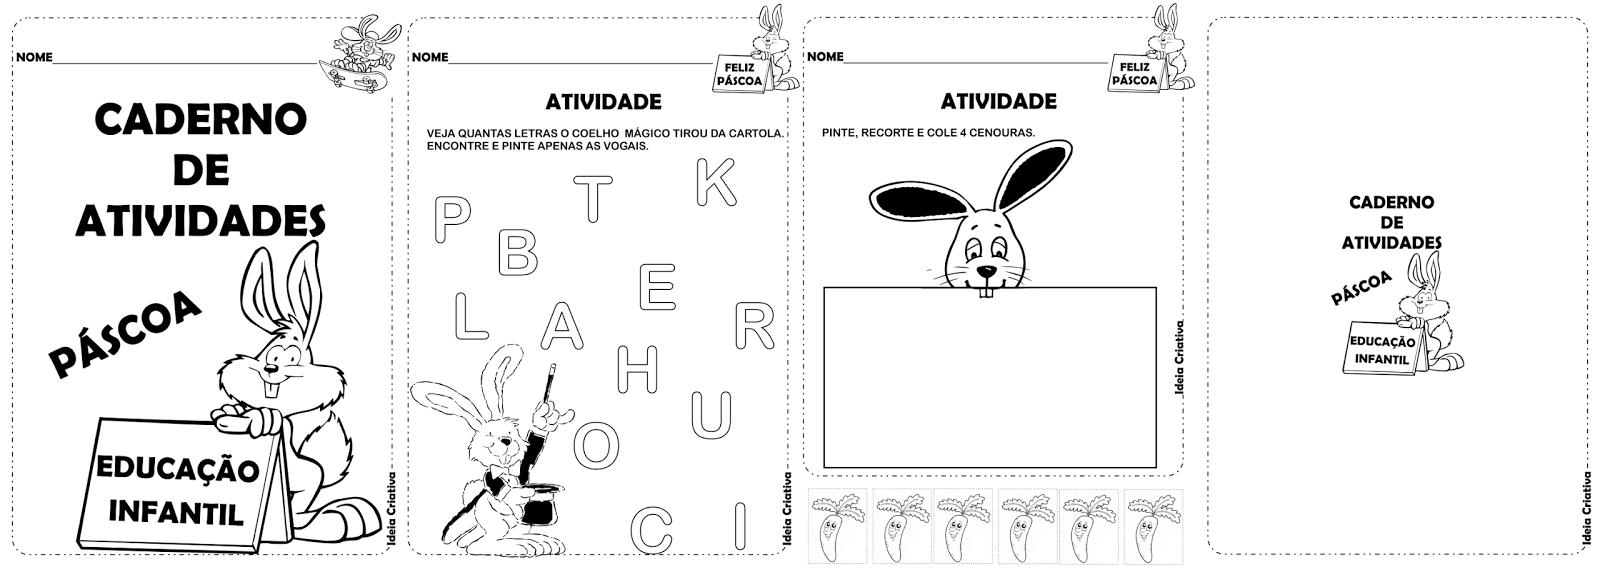 Caderno de Atividades Páscoa Educação Infantil